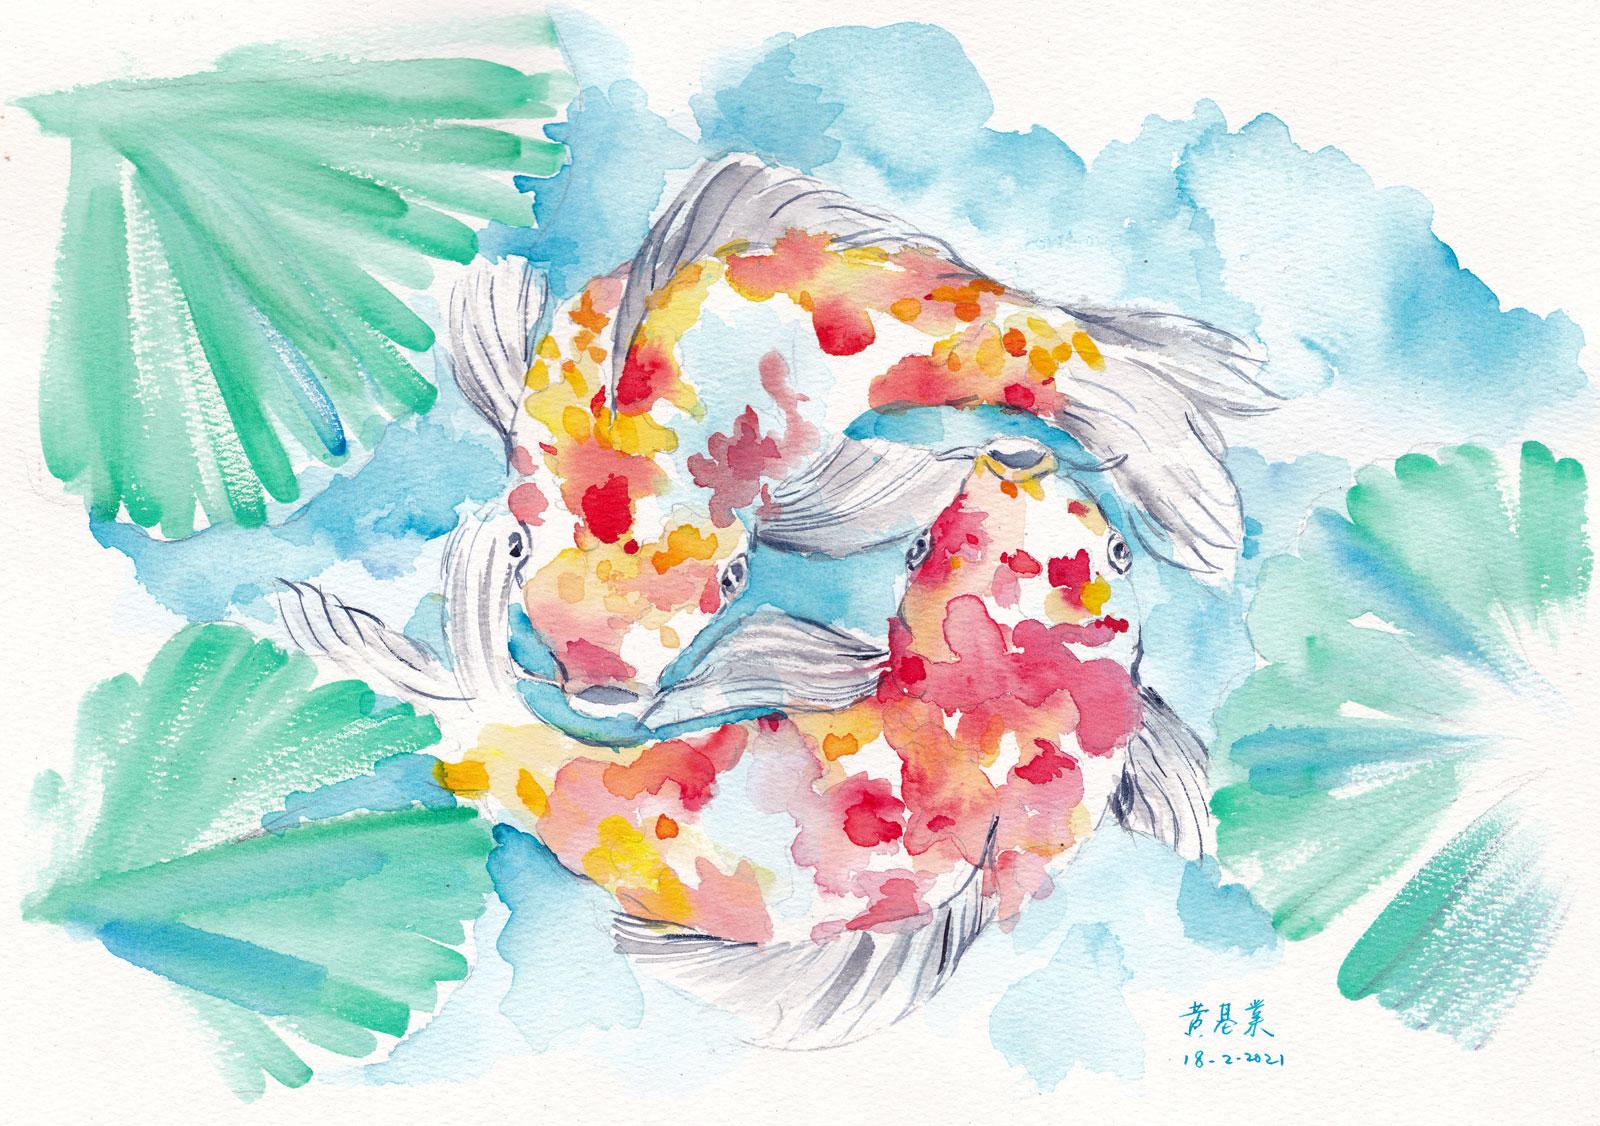 《年年有錦鯉》水彩 37cm x 26cm 18-2-2021